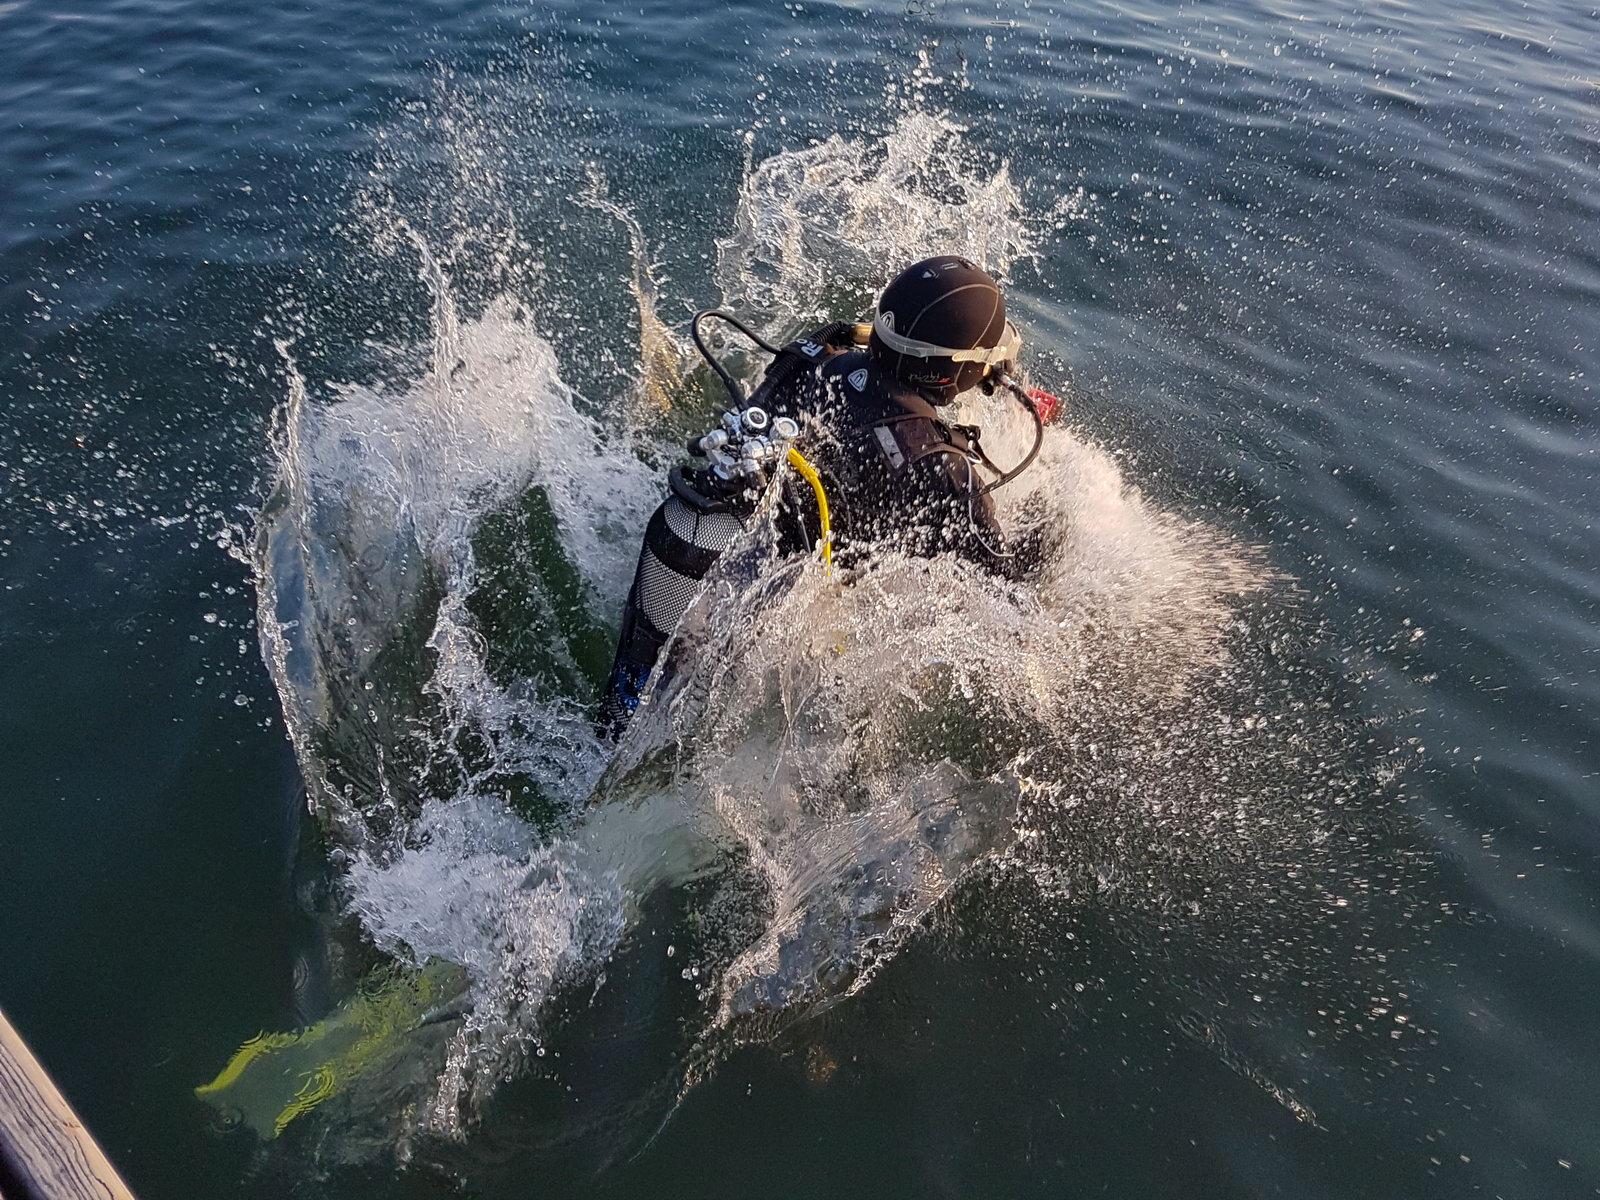 Taucher springt ins Wasser